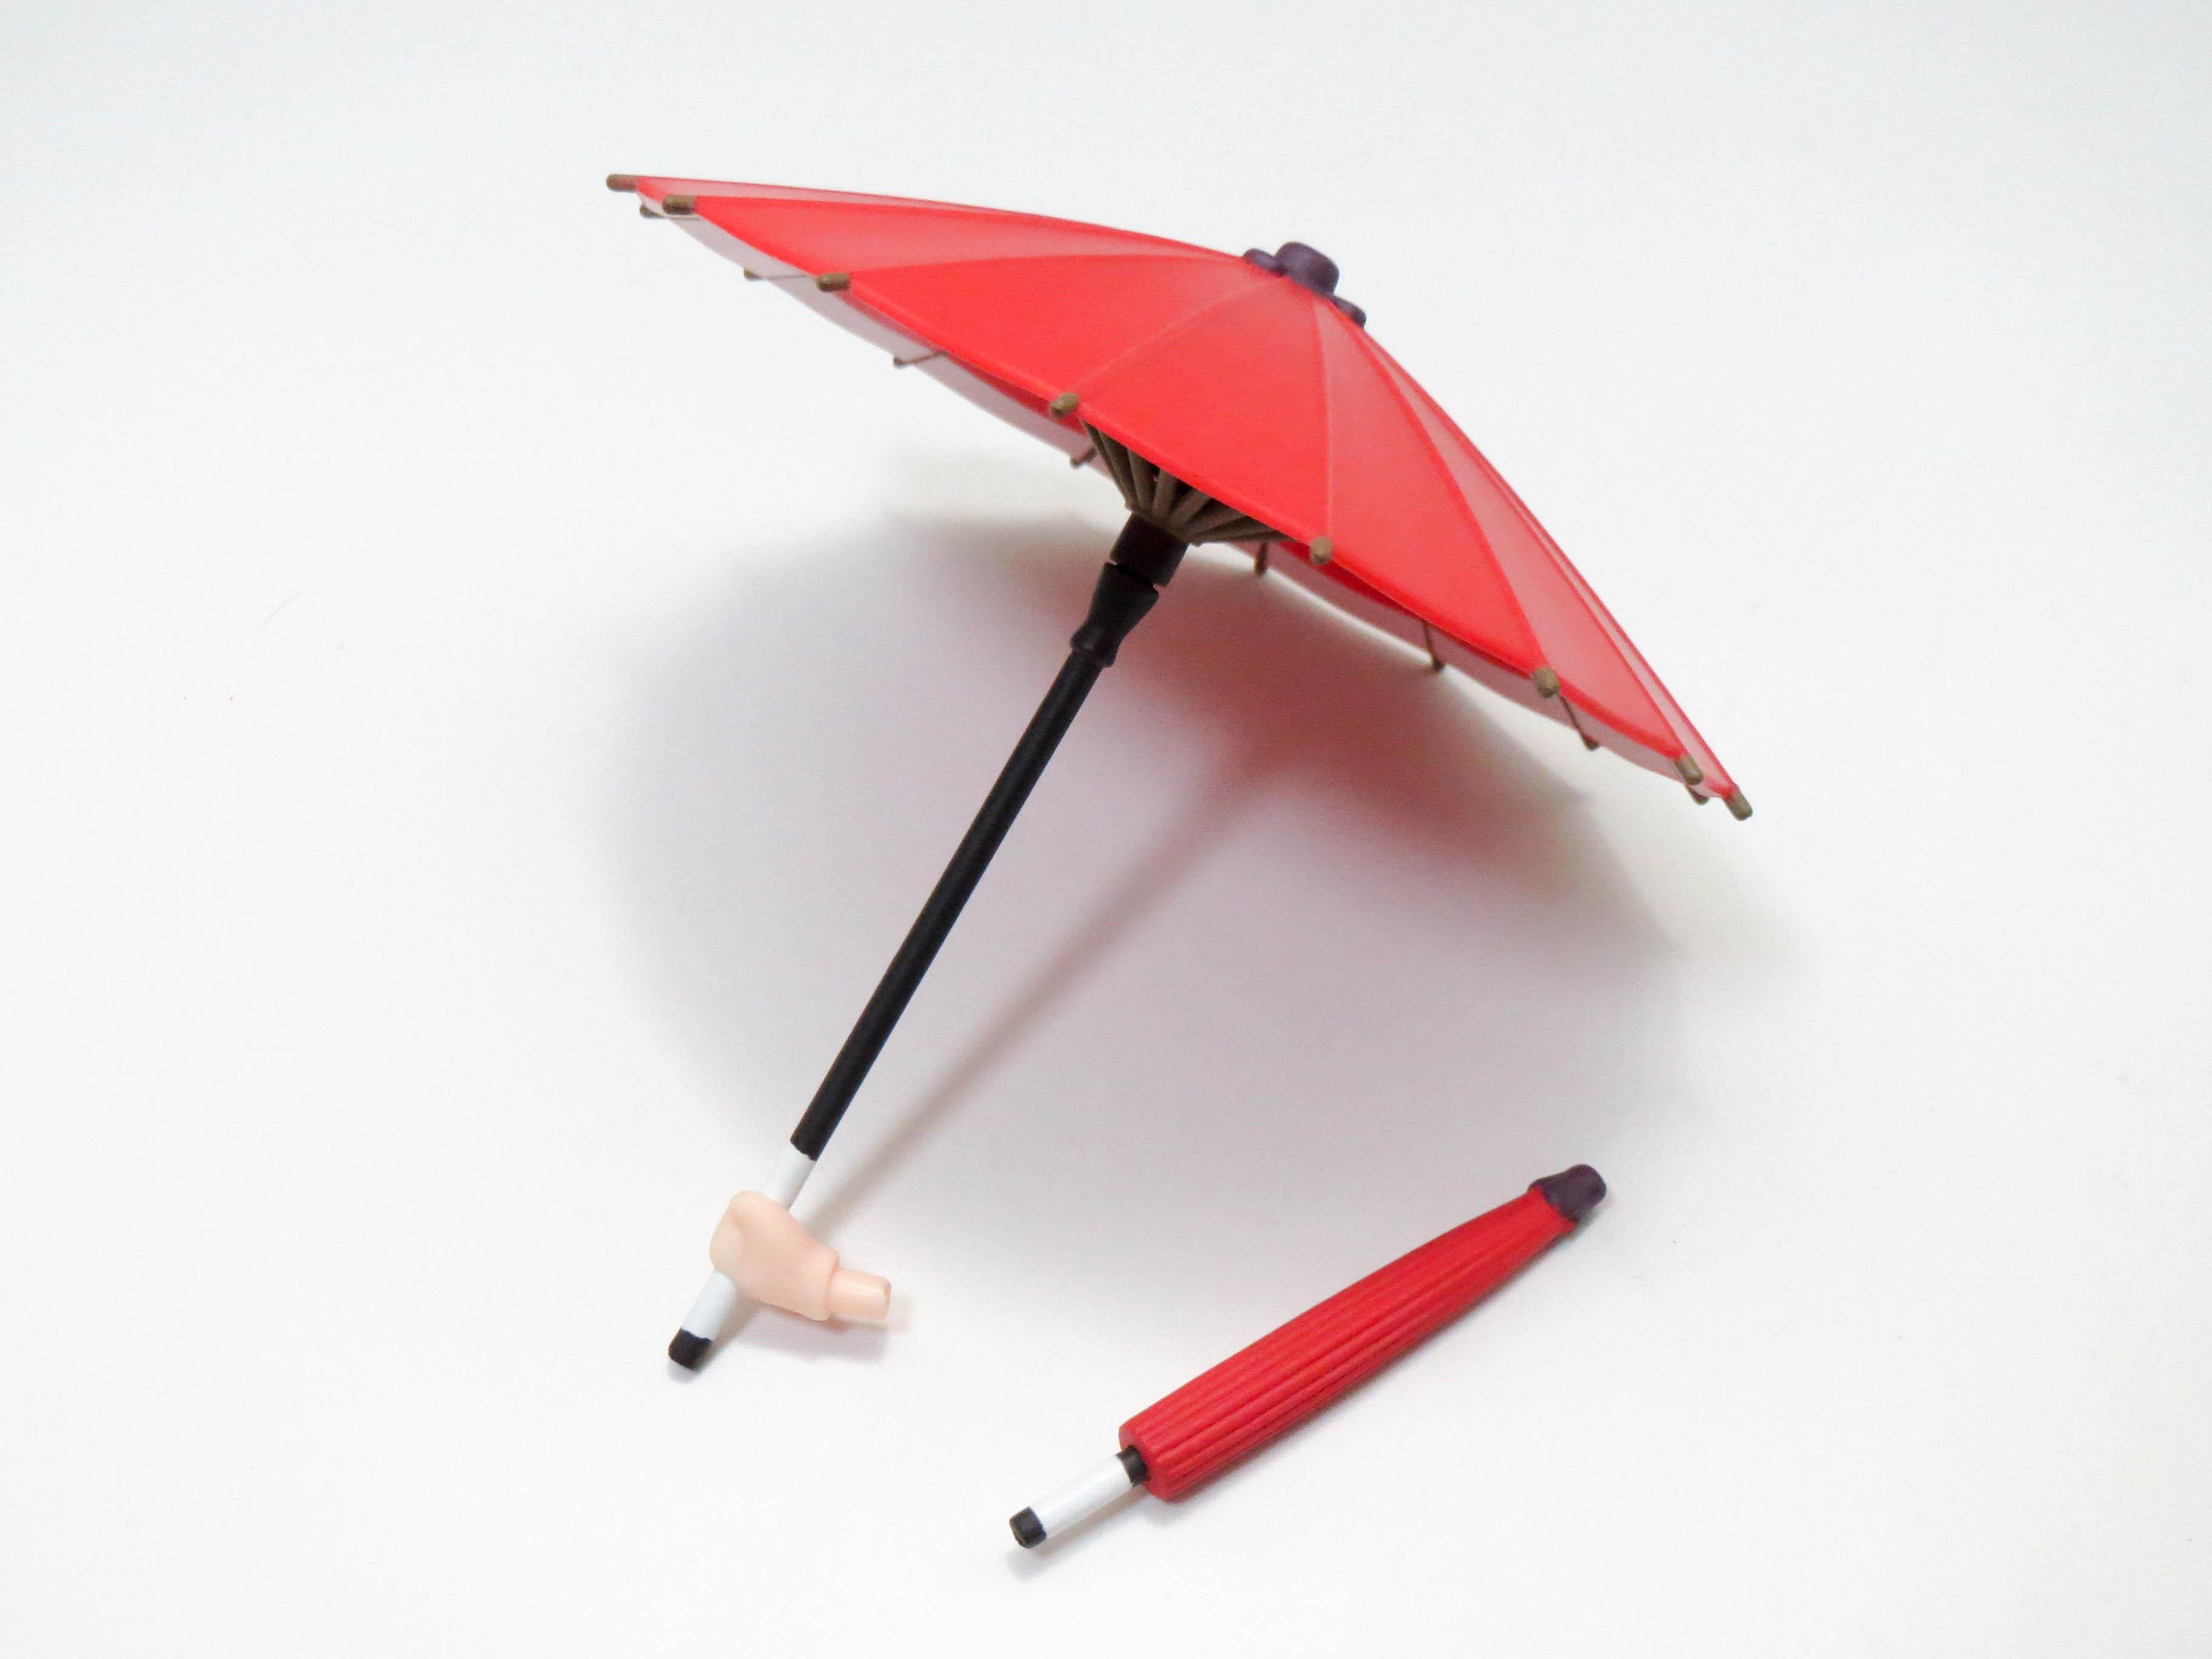 再入荷【332】 鹿目まどか 舞妓Ver. 小物パーツ 傘 ねんどろいど